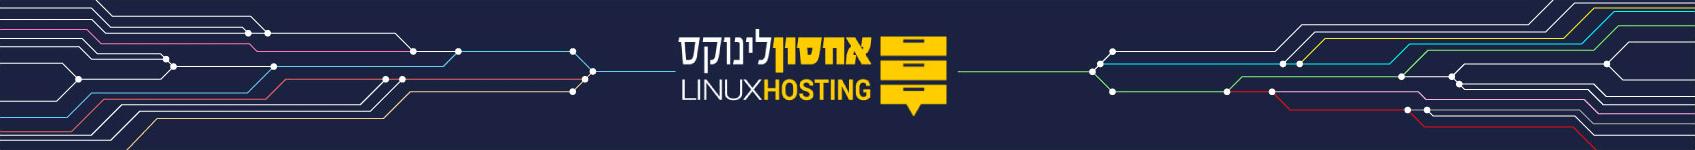 אחסון לינוקס תומכים באתר בידיים